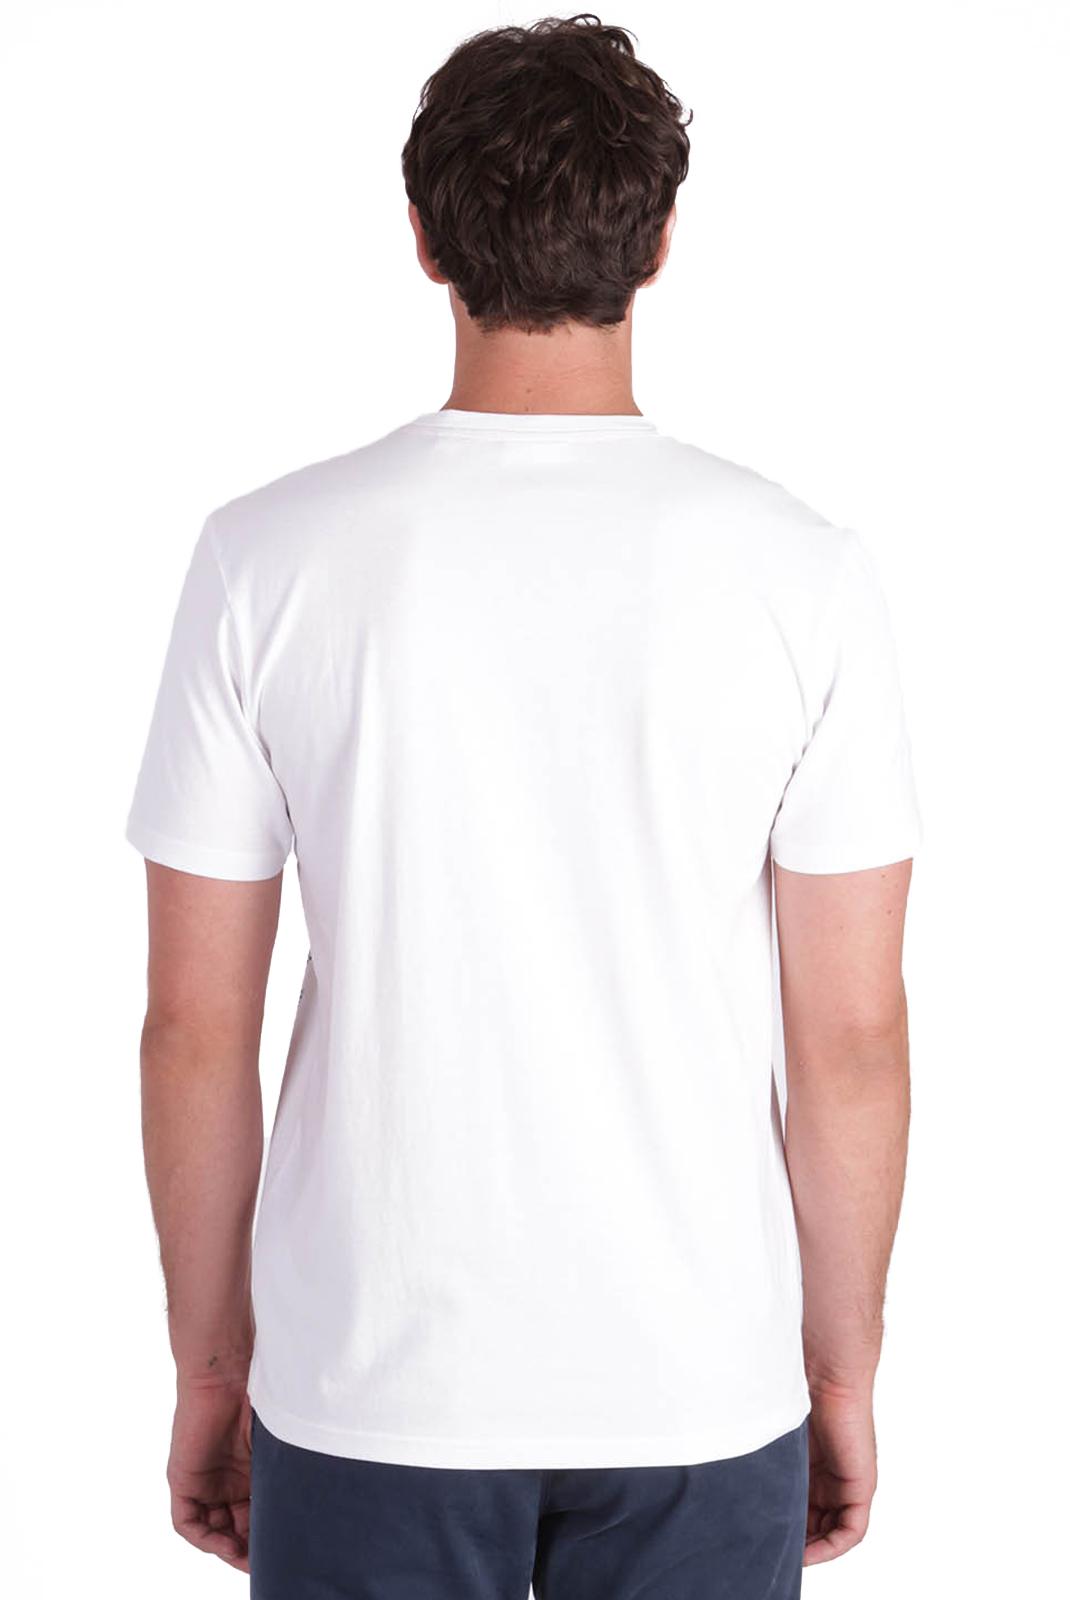 Tee-shirts  Kaporal OLARK WHITE